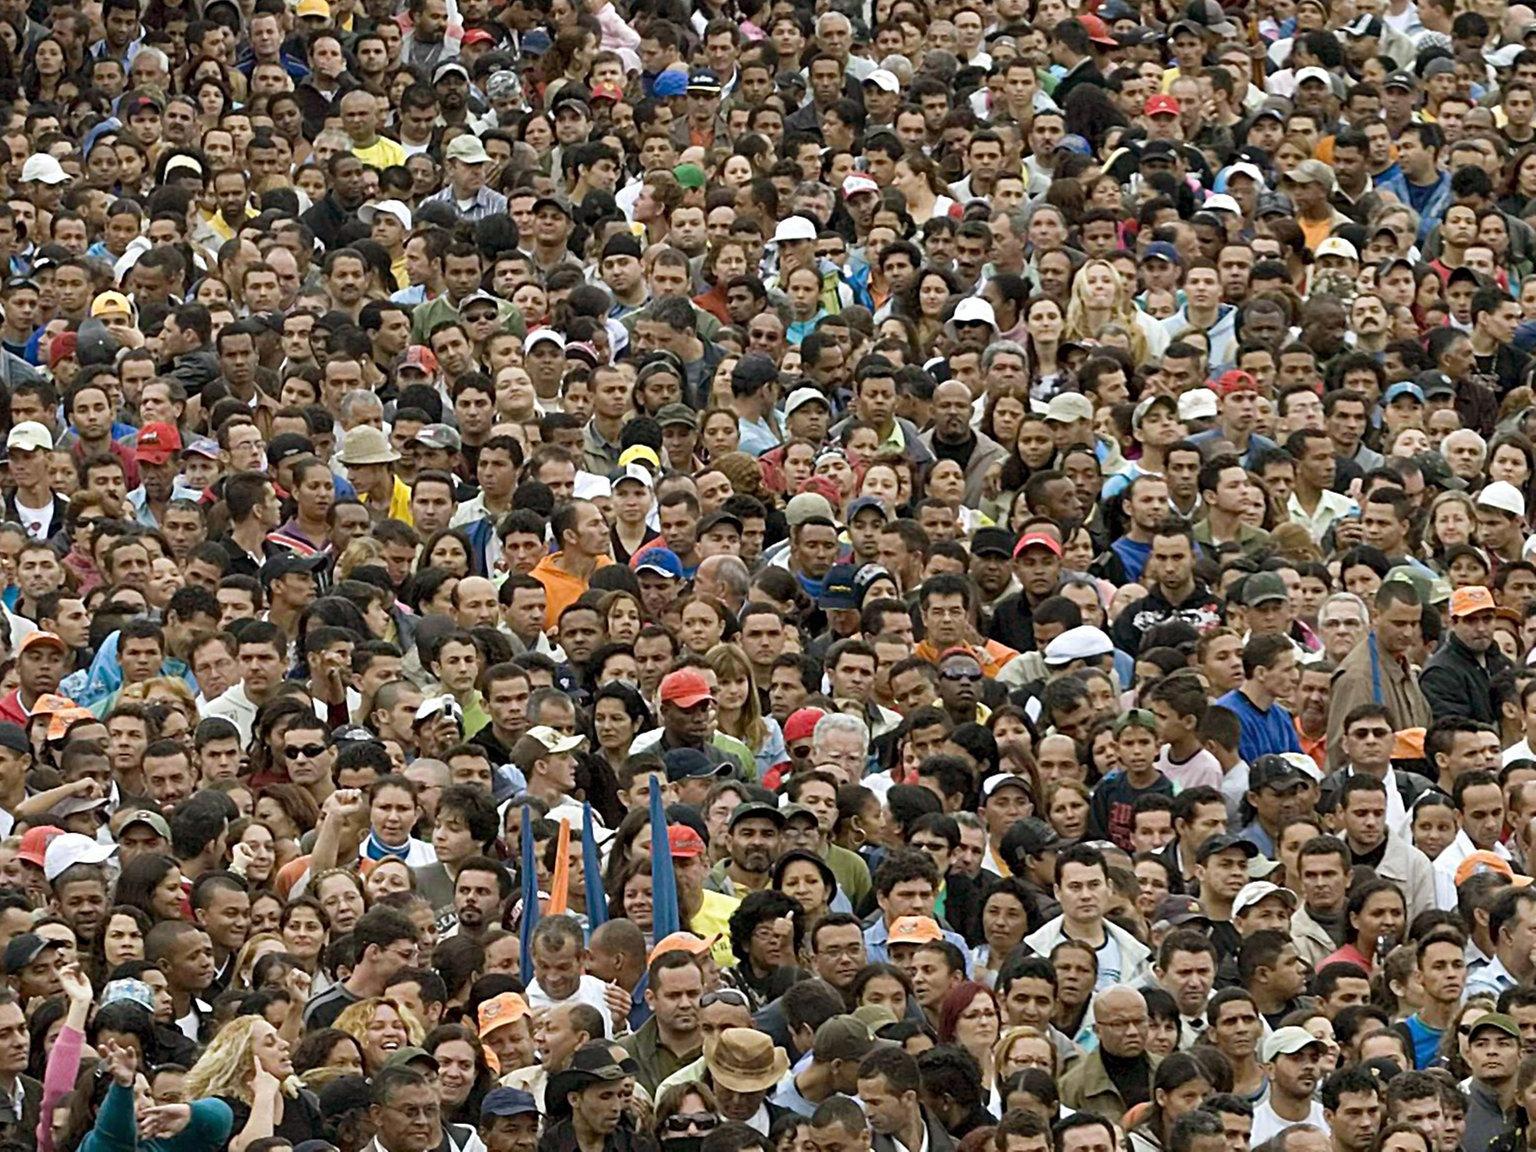 Mit Fast Acht Milliarden Menschen In Die Neue Dekade bestimmt für Wie Viele Menschen Leben Auf Der Erde